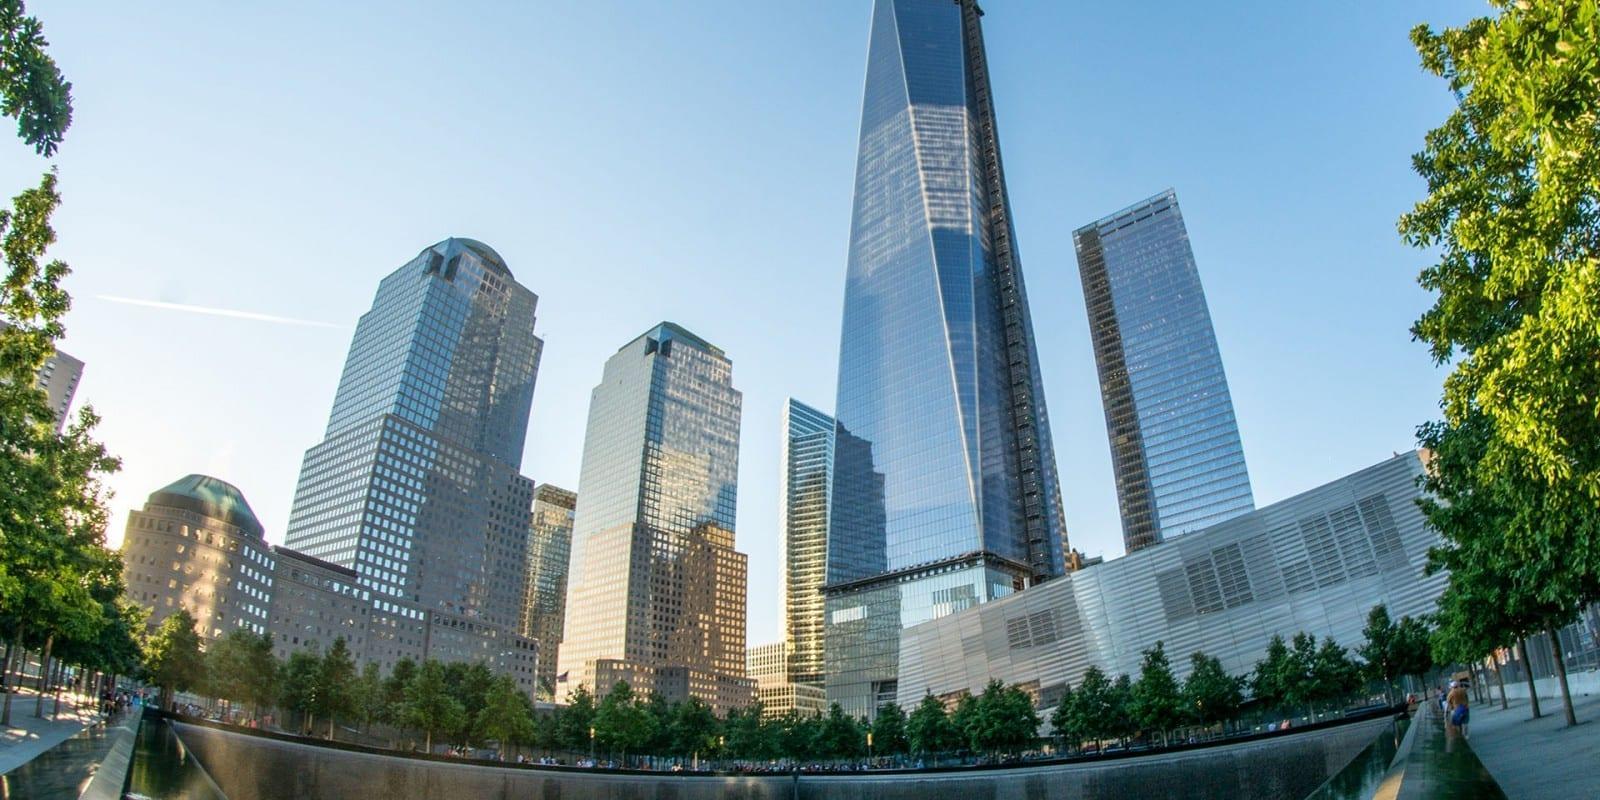 USA - One World Trade Center